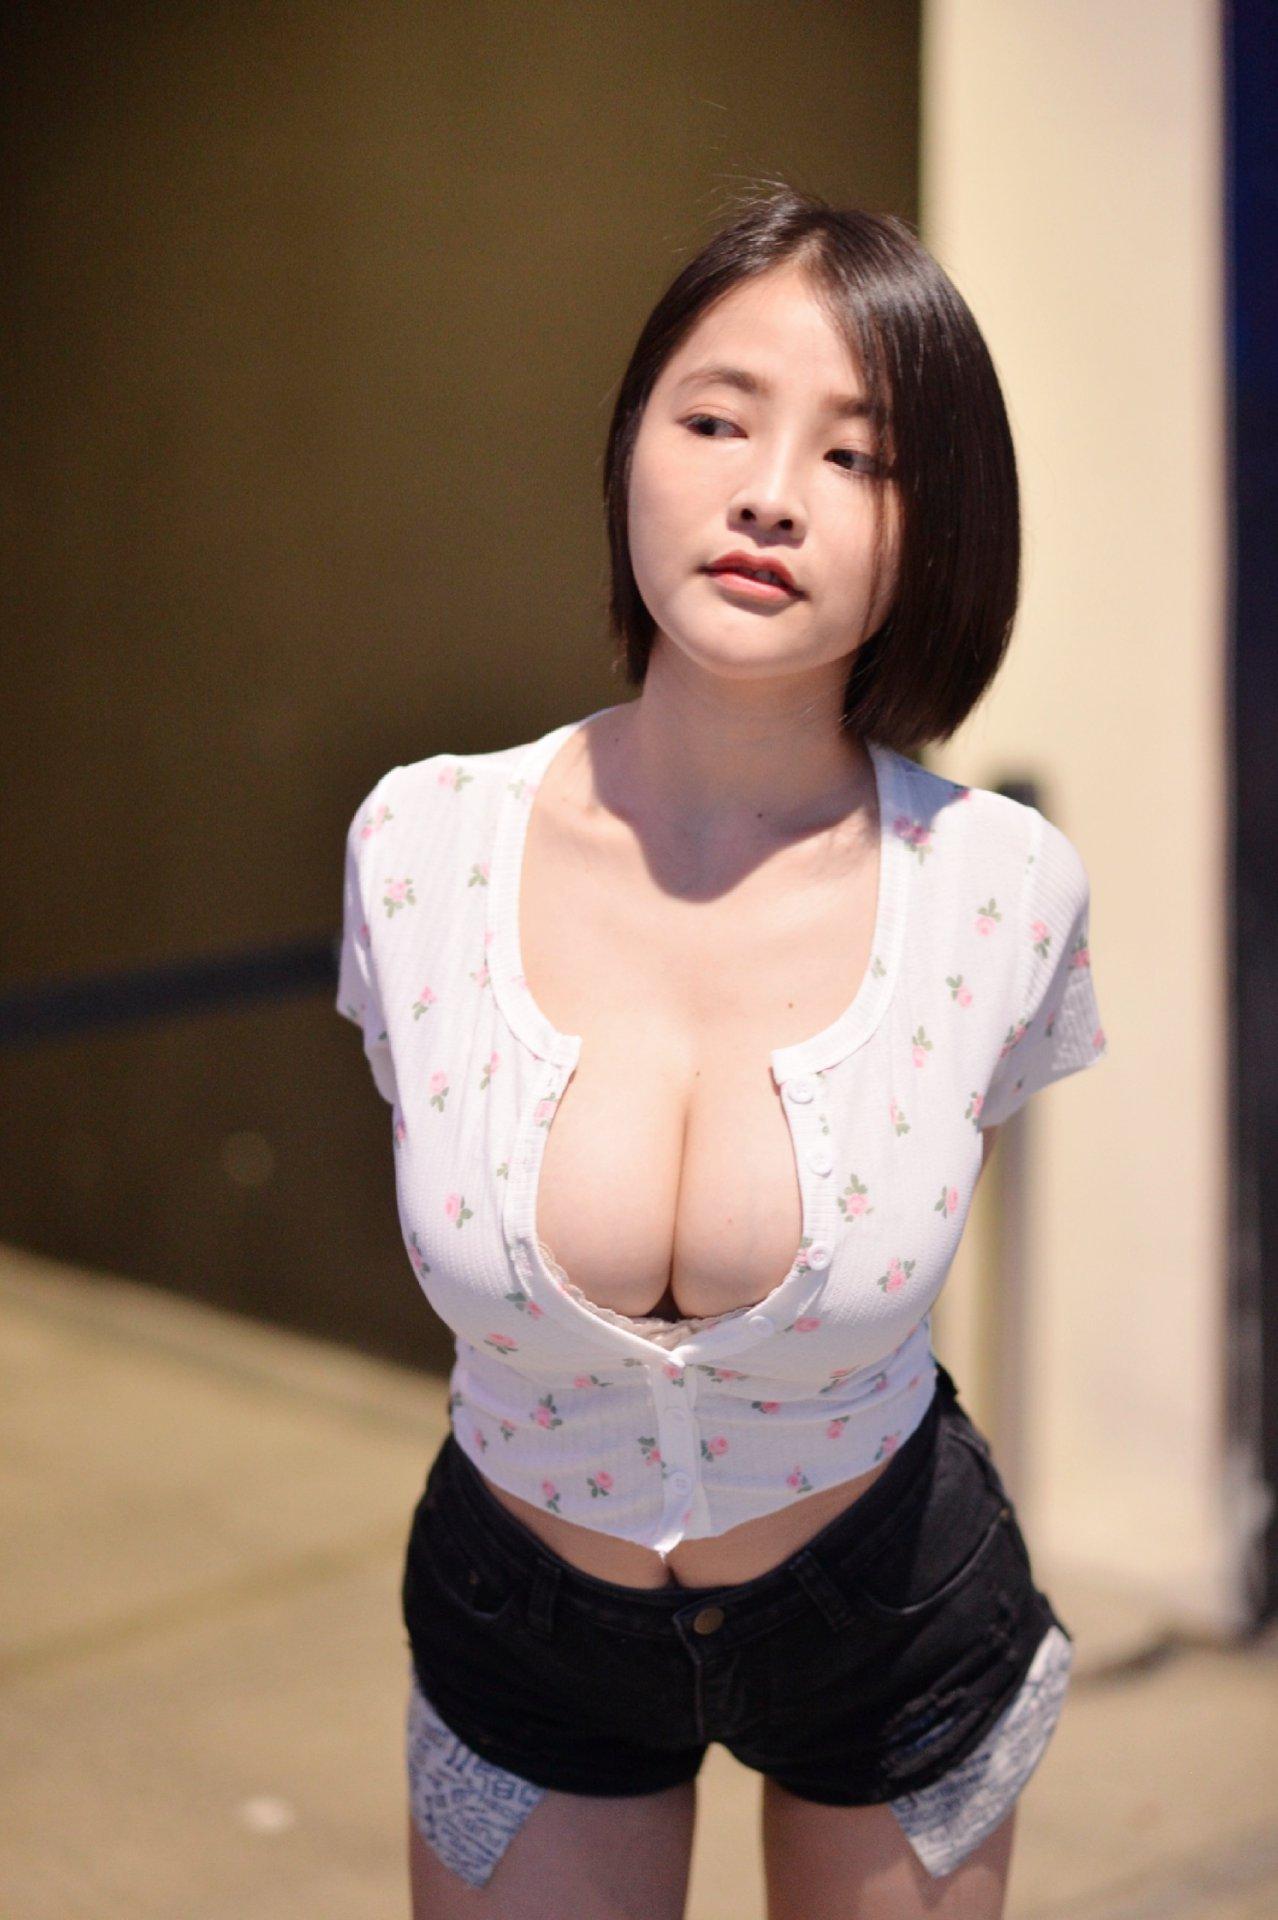 Nui Nui Milkoo สาวสวยเซ็กซี่ นมใหญ่ เหมือนลูกแตงโม รูปร่างสุดเอ็กซ์ เซ็กซี่ xx